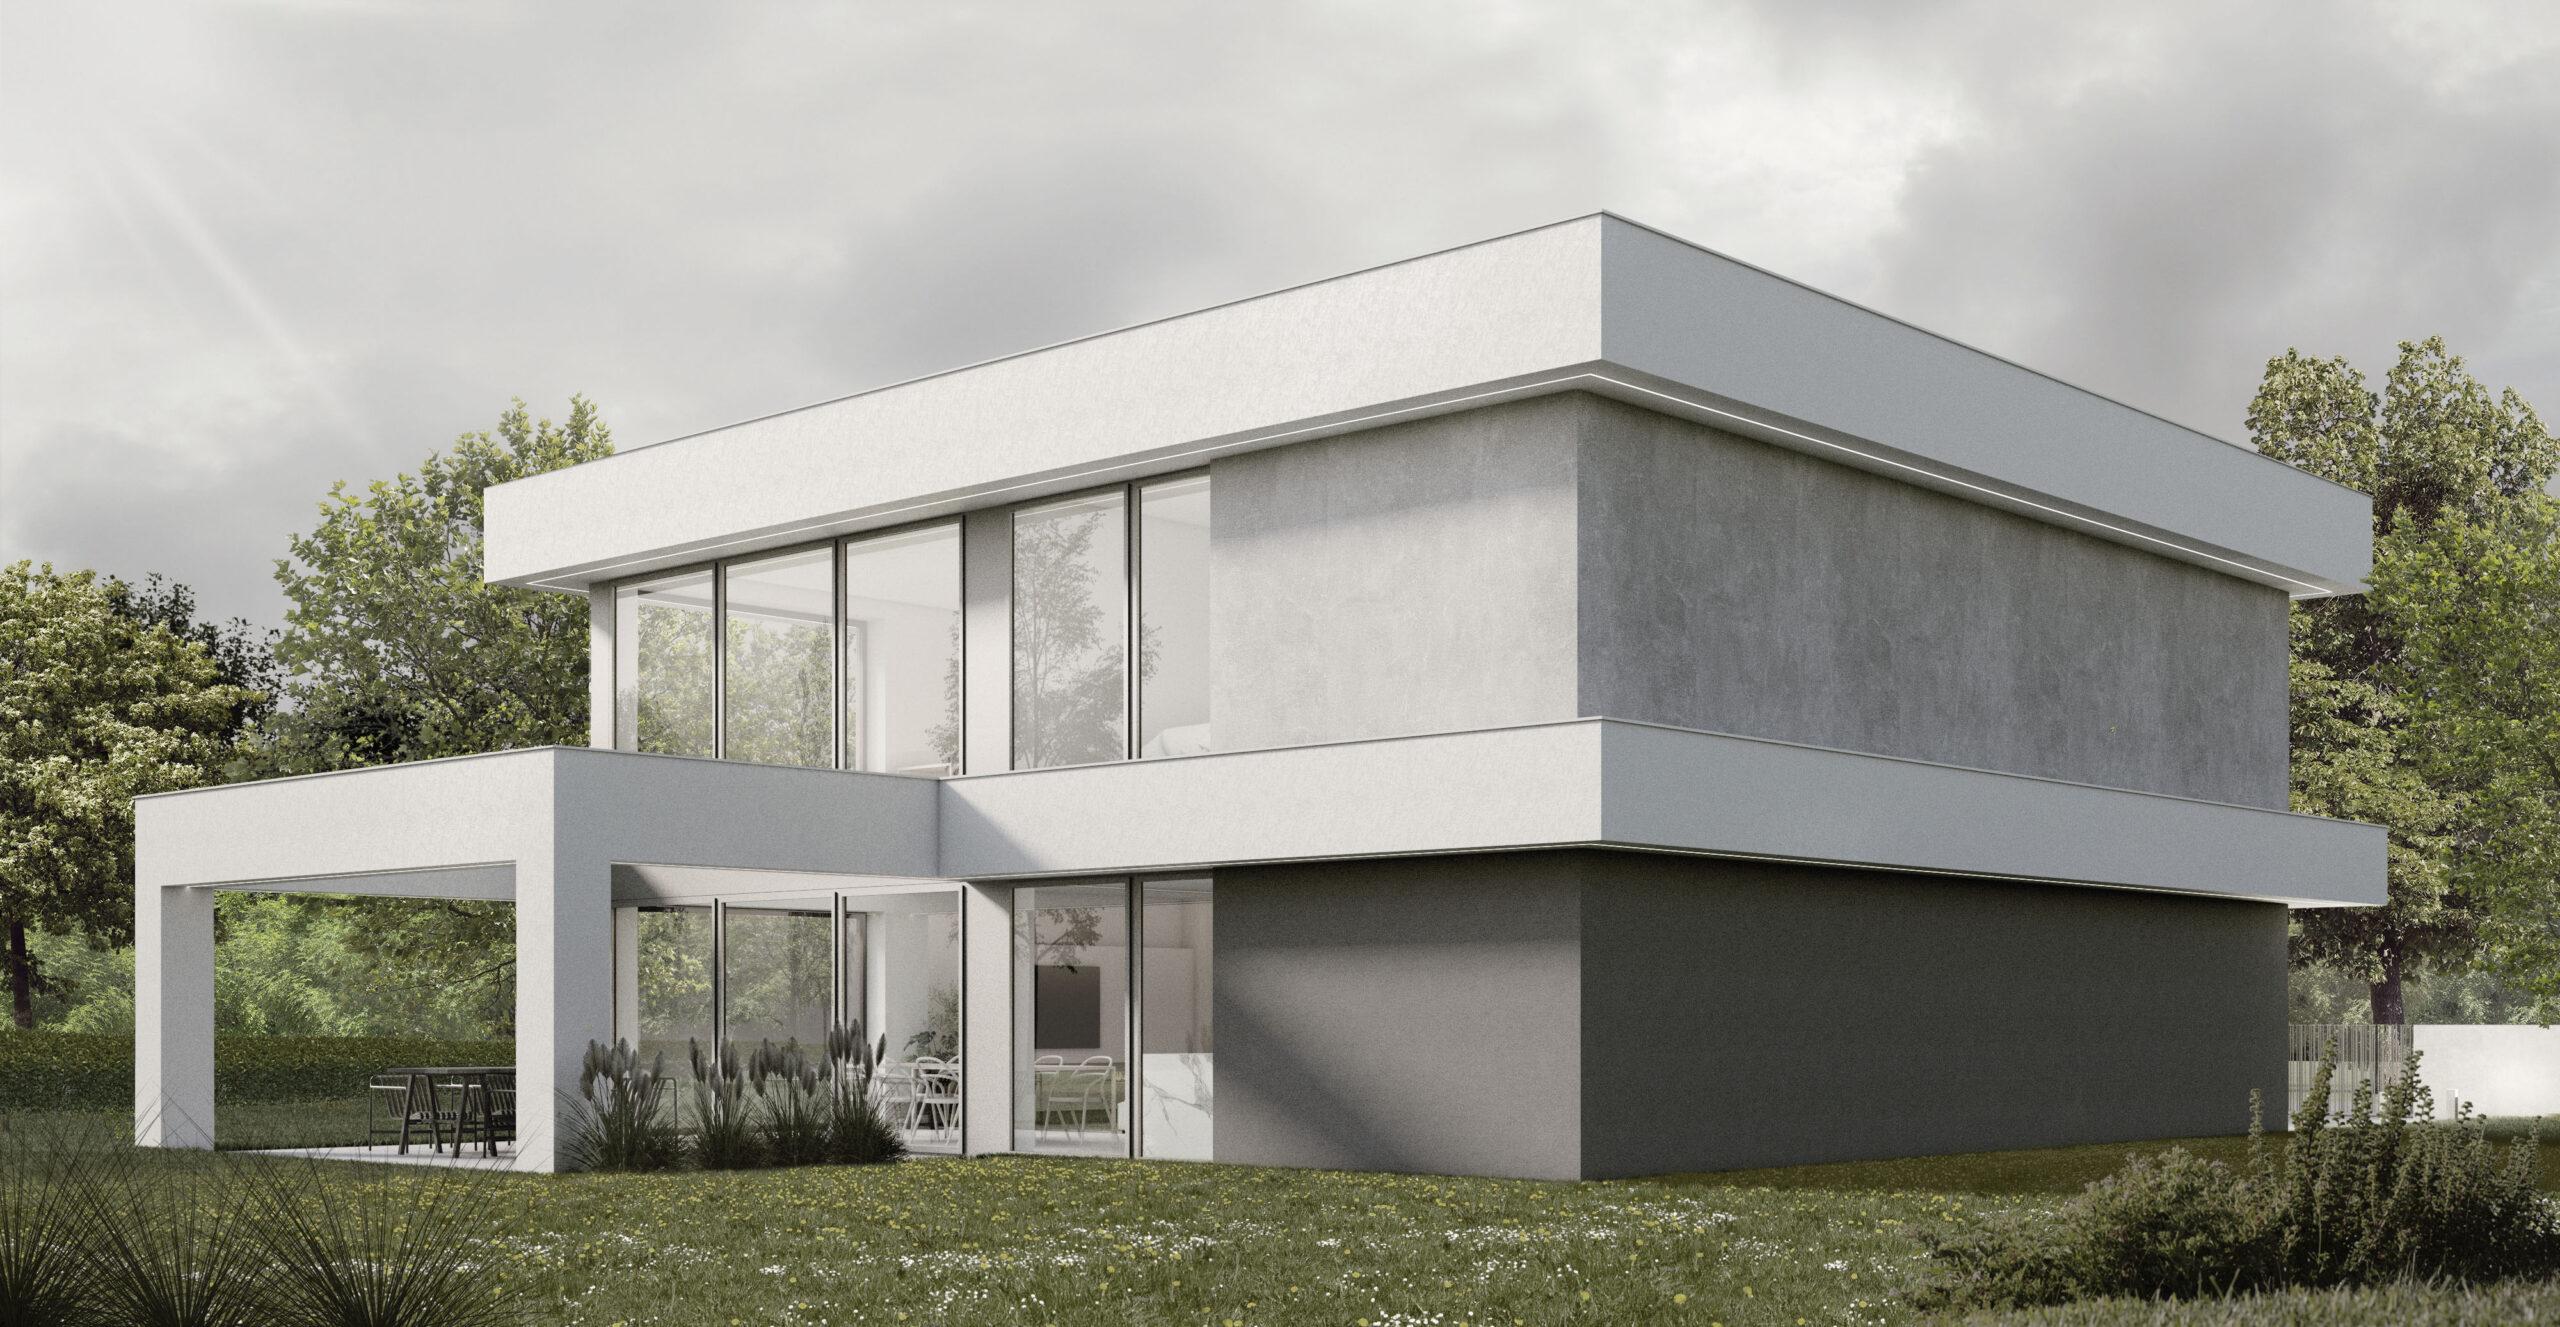 Dom na 600-metrowej działce w Siemianowicach Śląskich.